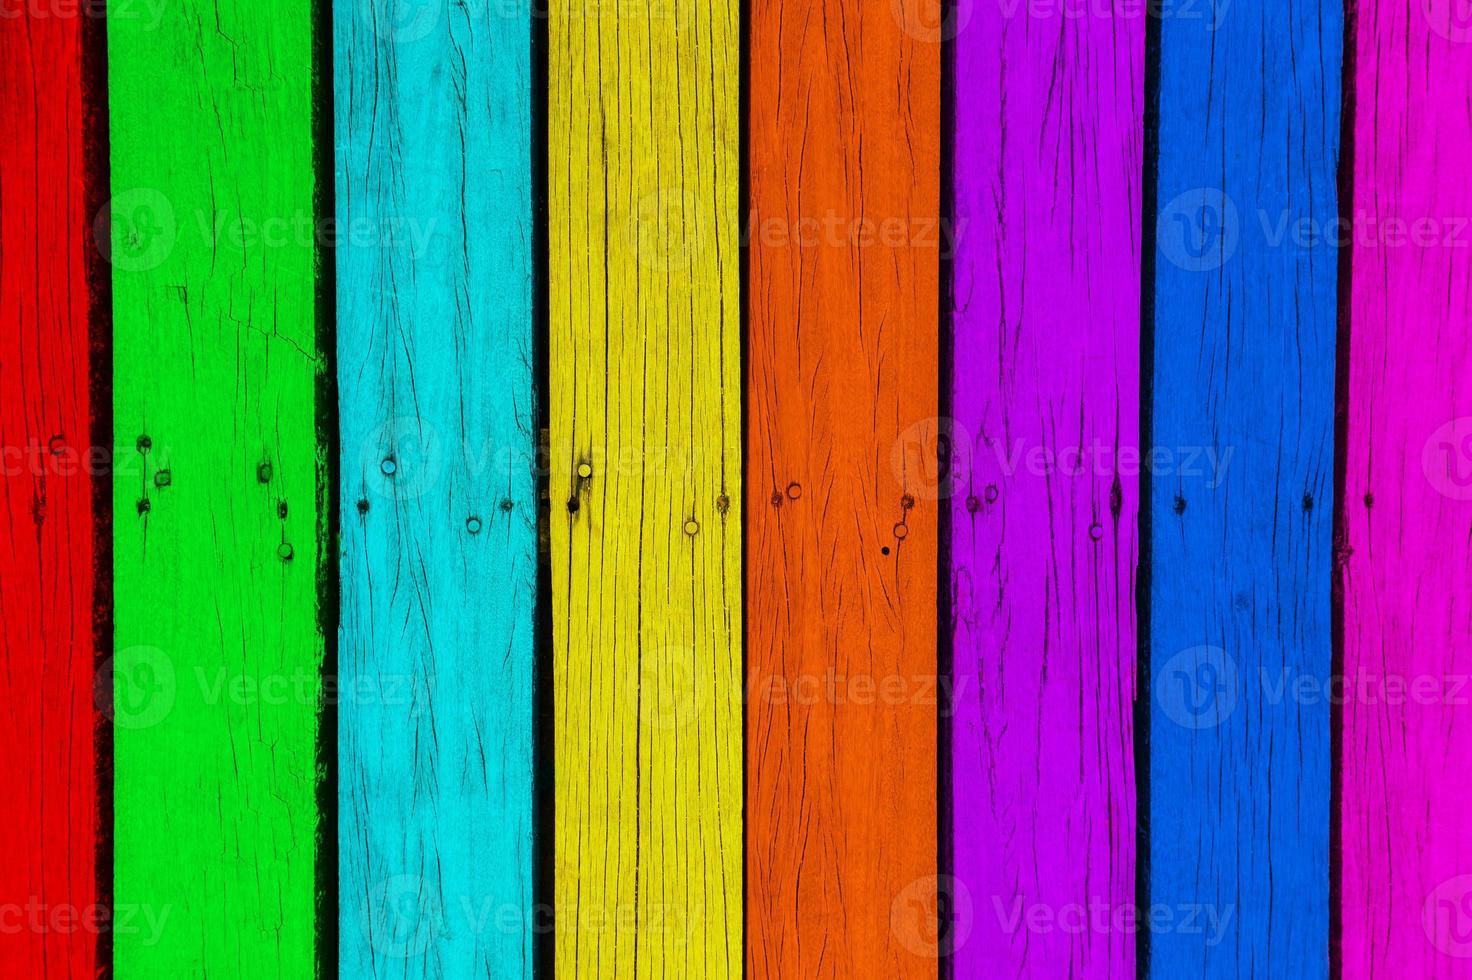 färgen trä textur, naturliga mönster bakgrund foto